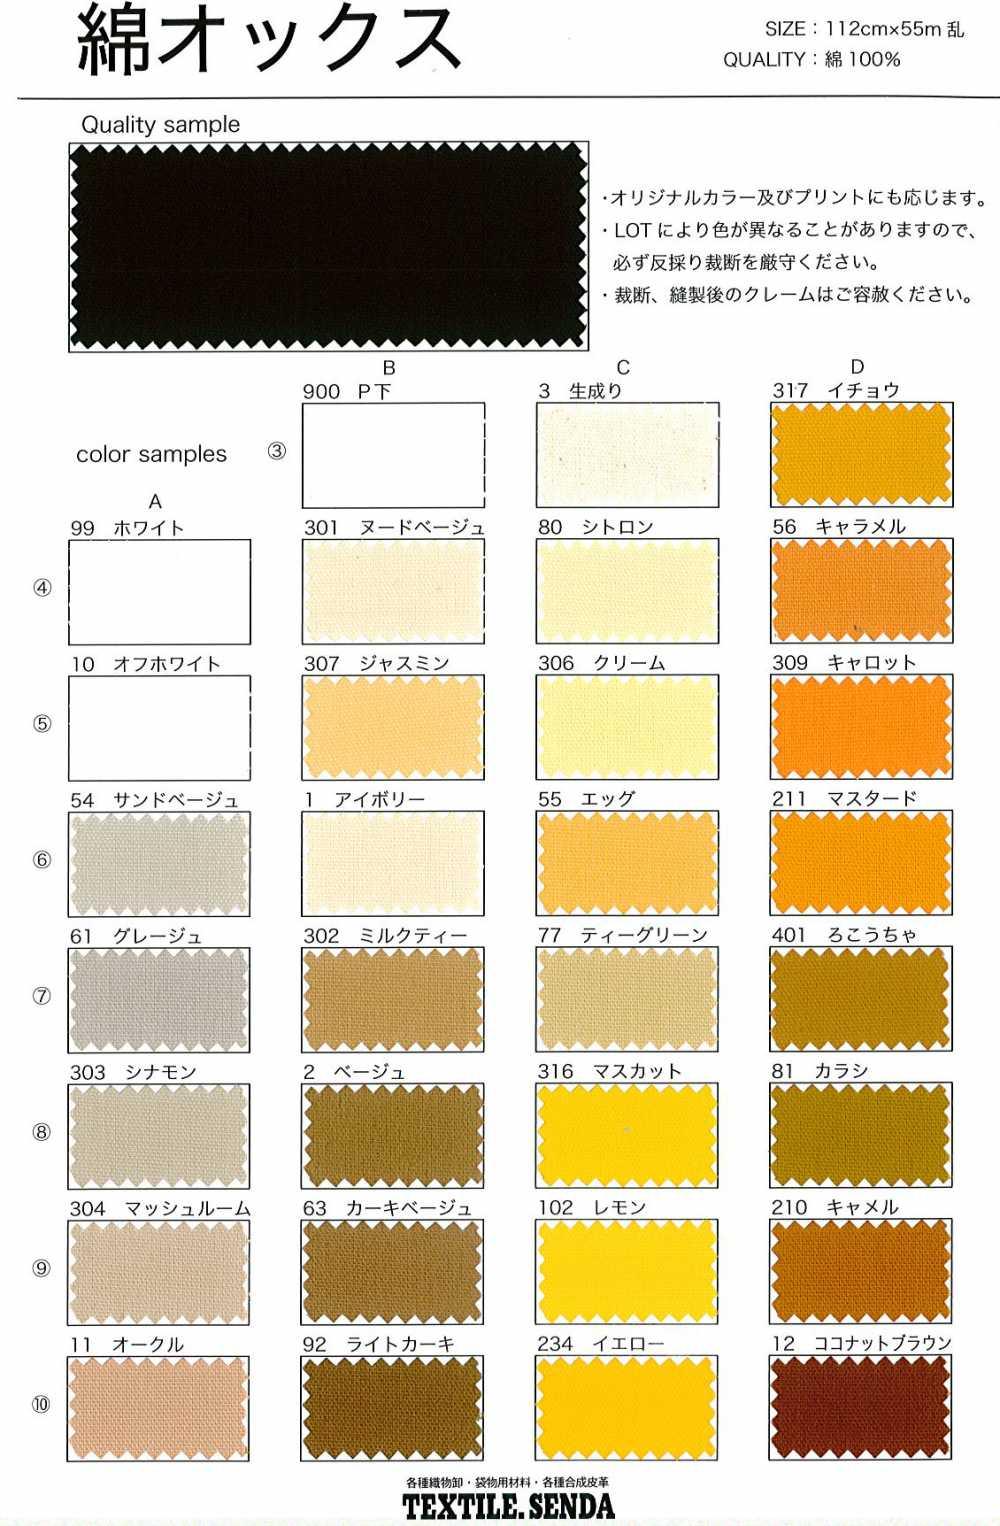 408 綿オックス[生地] 仙田/オークラ商事 - ApparelX アパレル資材卸通販